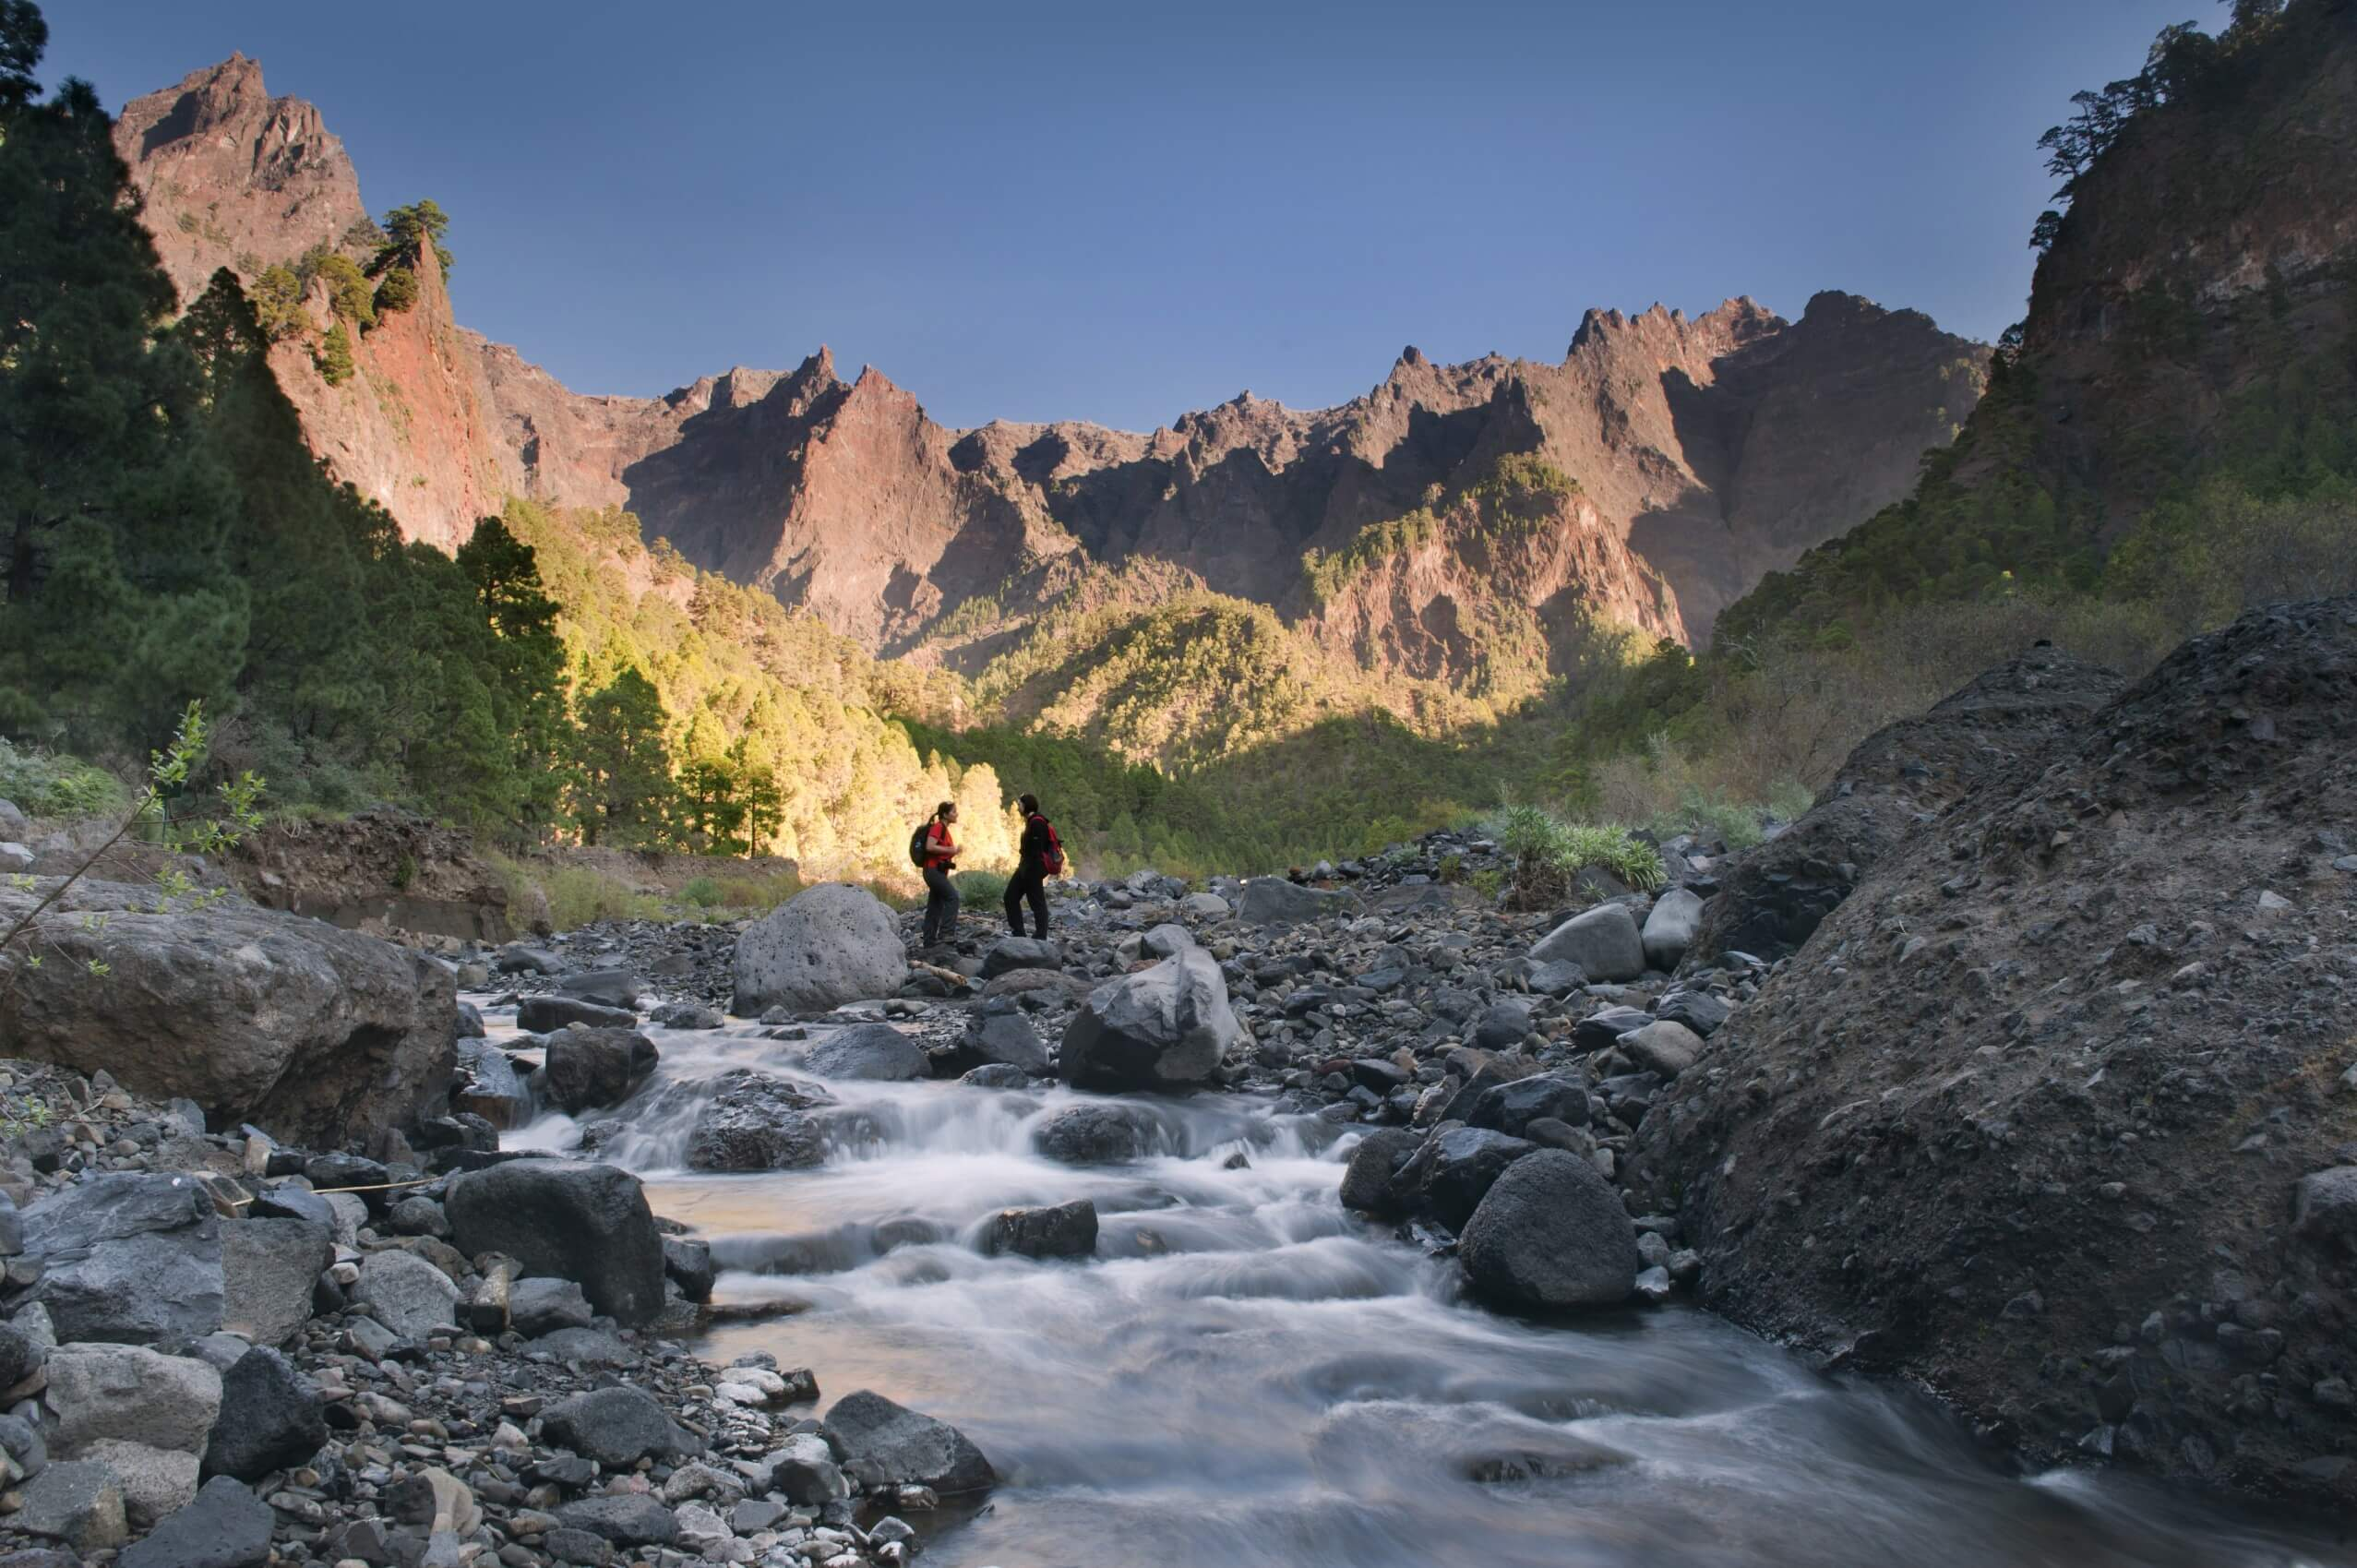 Visit La Palma - Parque Nacional de la Caldera de Taburiente (PR LP 13)